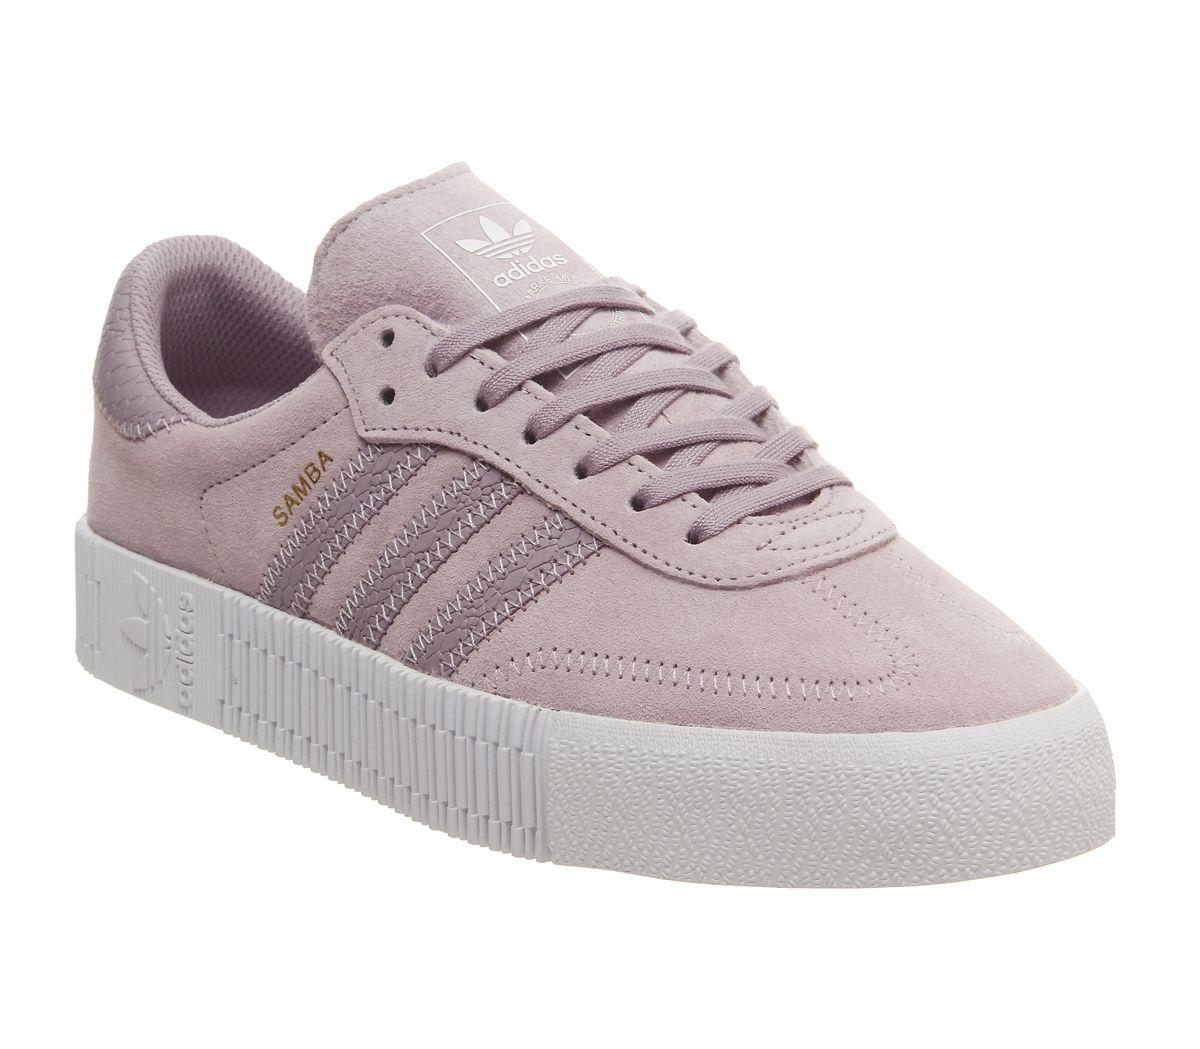 les plus récents meilleurs tissus classique Détails sur Short Femme Adidas Samba Rose Baskets douce Vision Blanc  Baskets Chaussures- afficher le titre d'origine